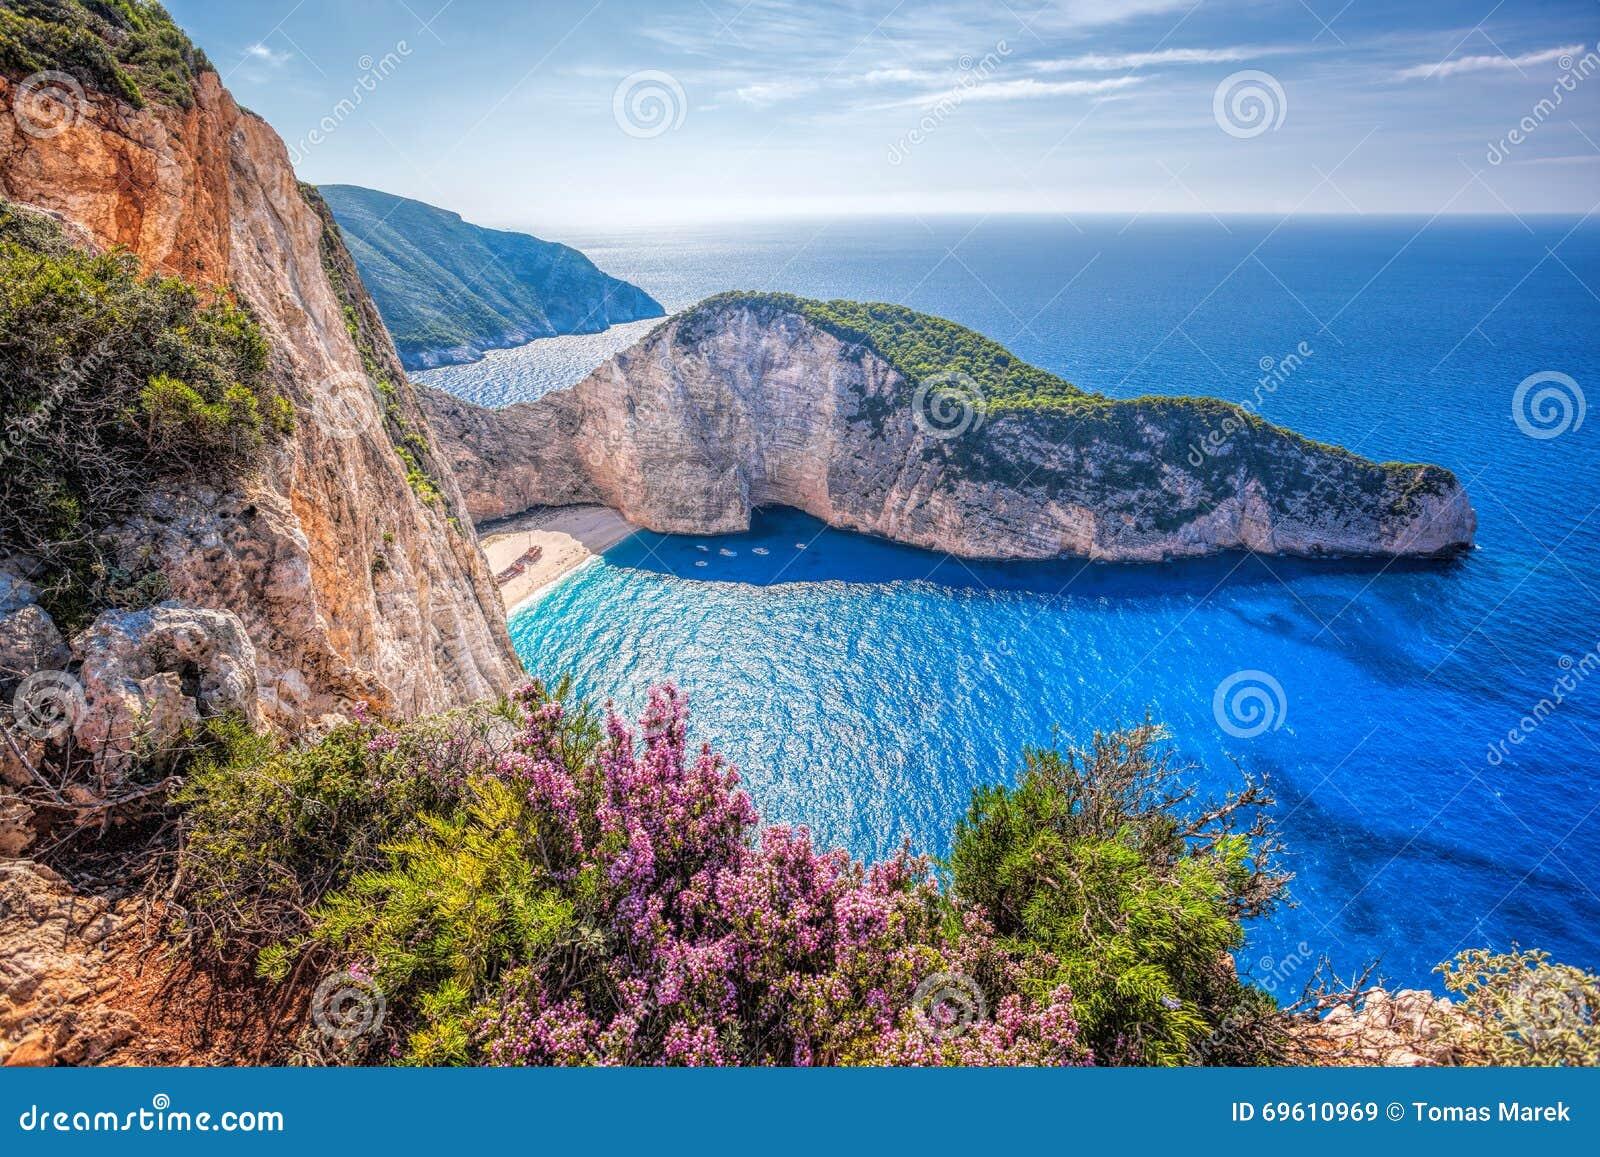 Navagiostrand met schipbreuk en bloemen tegen zonsondergang op het eiland van Zakynthos in Griekenland